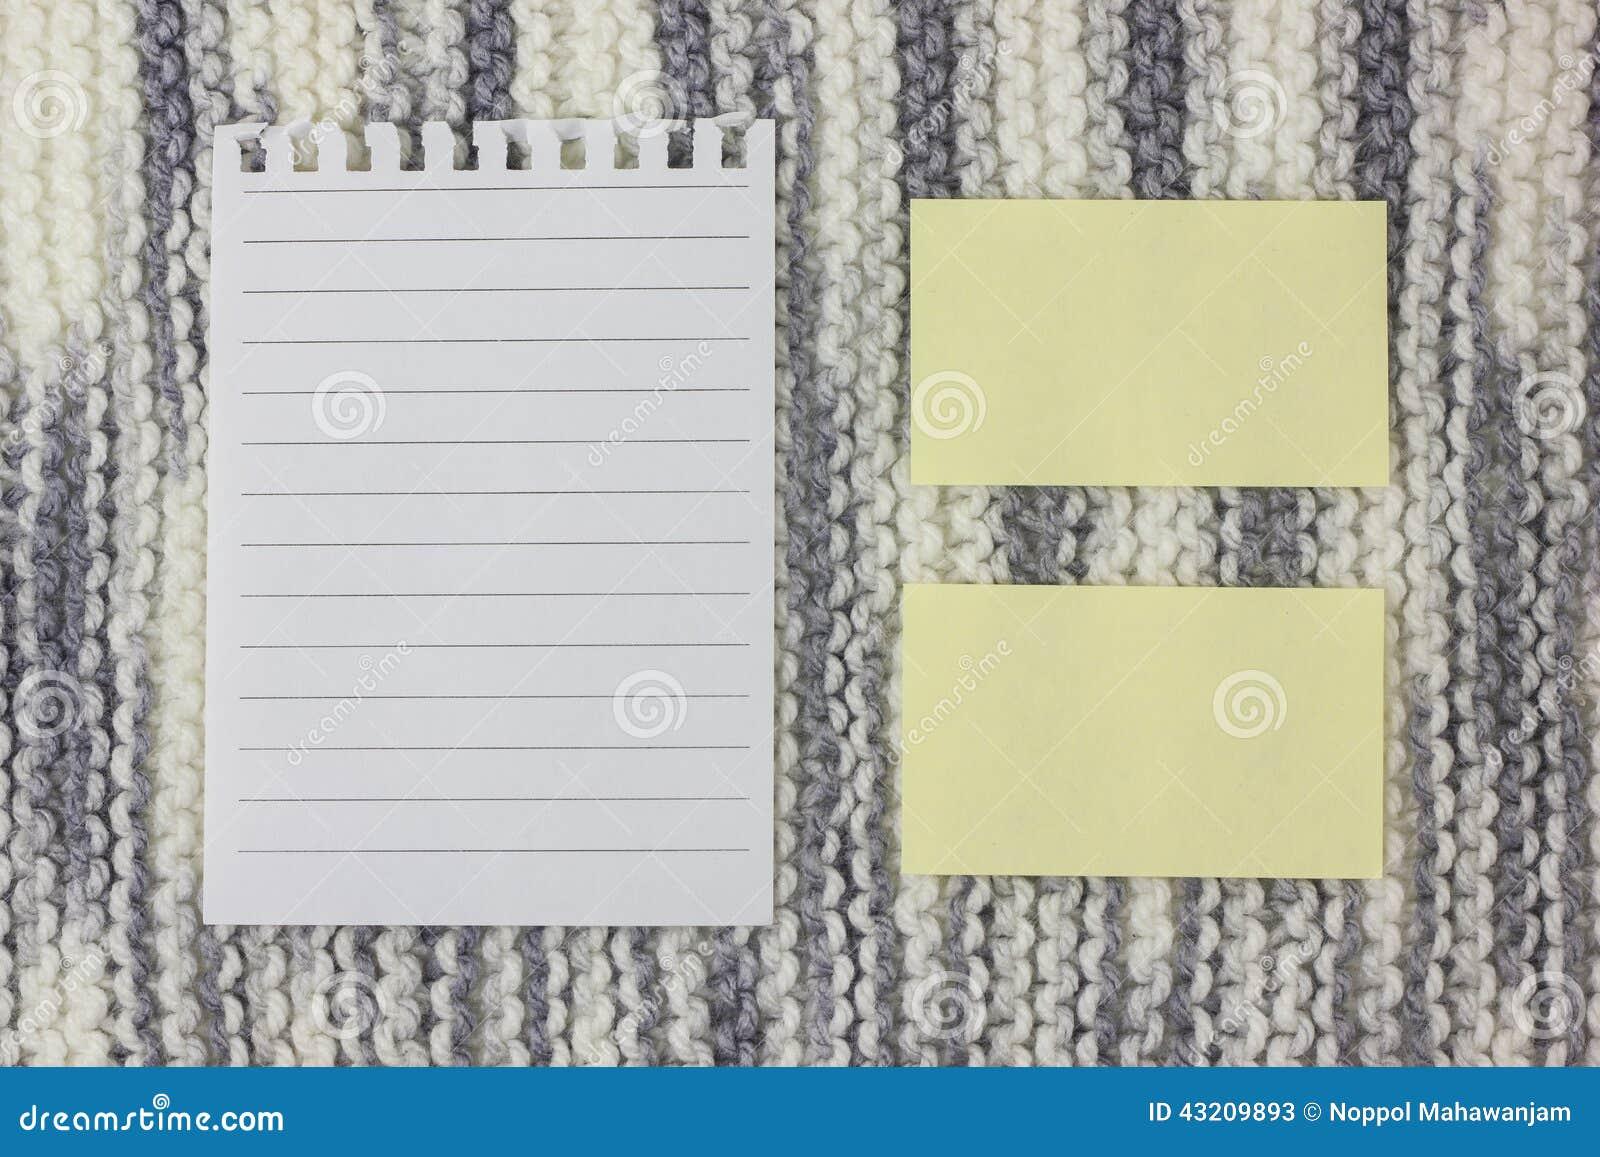 Download Yellow För Skugga För Paper Bana För Clippinganmärkning Klibbig Fotografering för Bildbyråer - Bild av utrustning, sida: 43209893